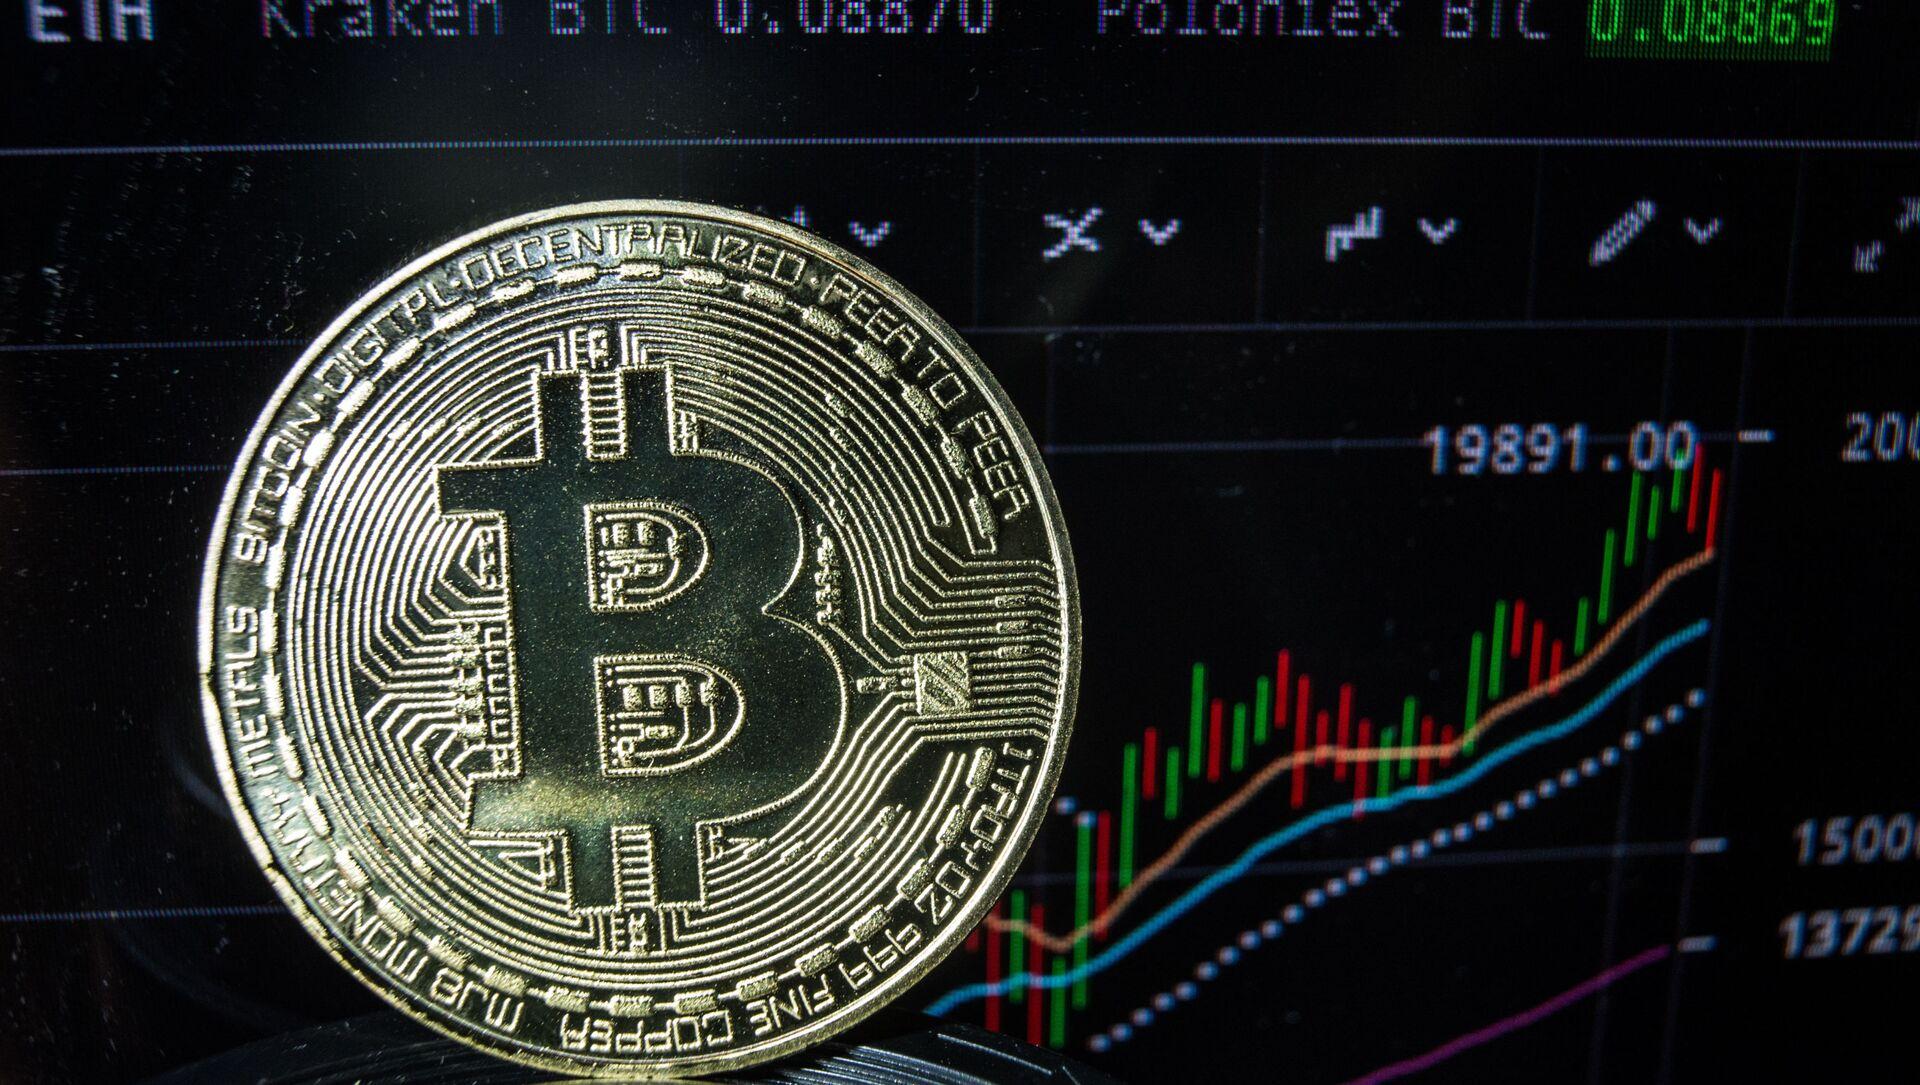 Сувенирные монеты с логотипами криптовалюты биткоин. - Sputnik Абхазия, 1920, 26.07.2021